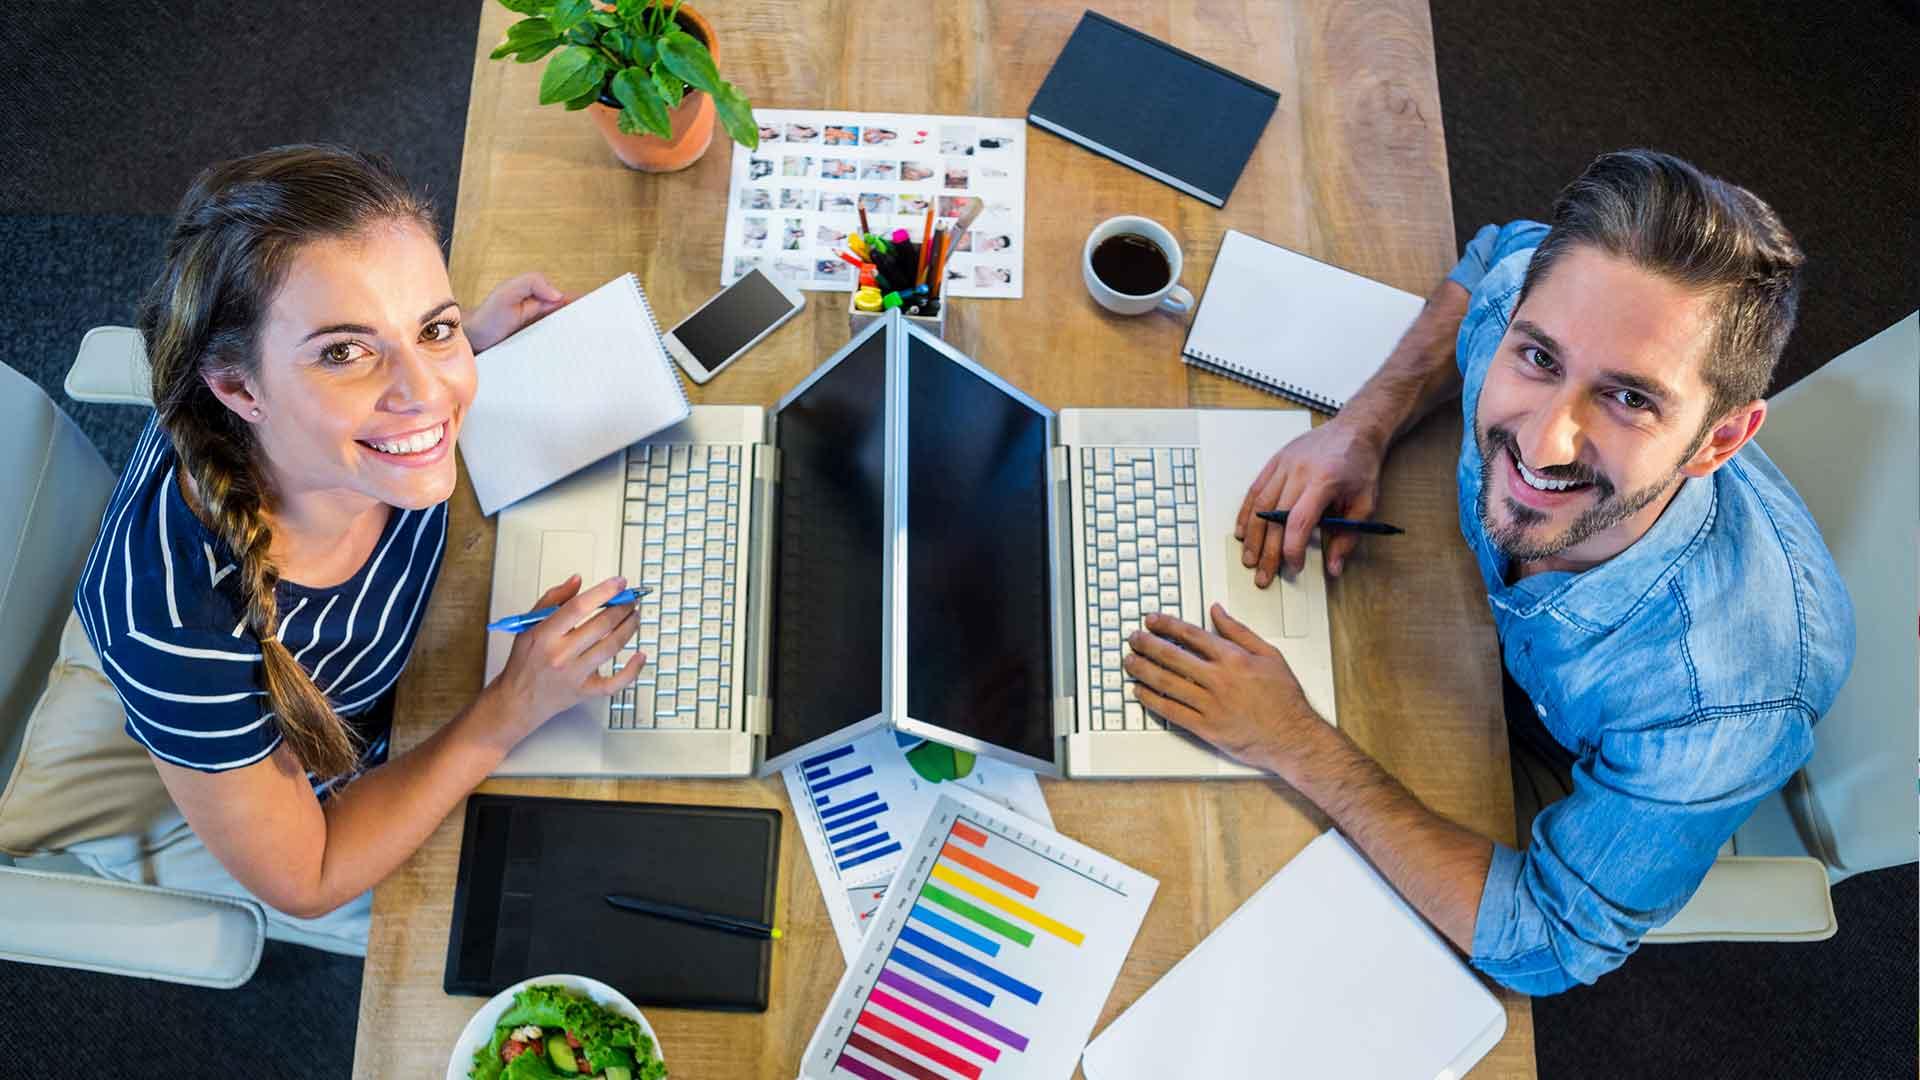 dijital ajans ne iş yapar